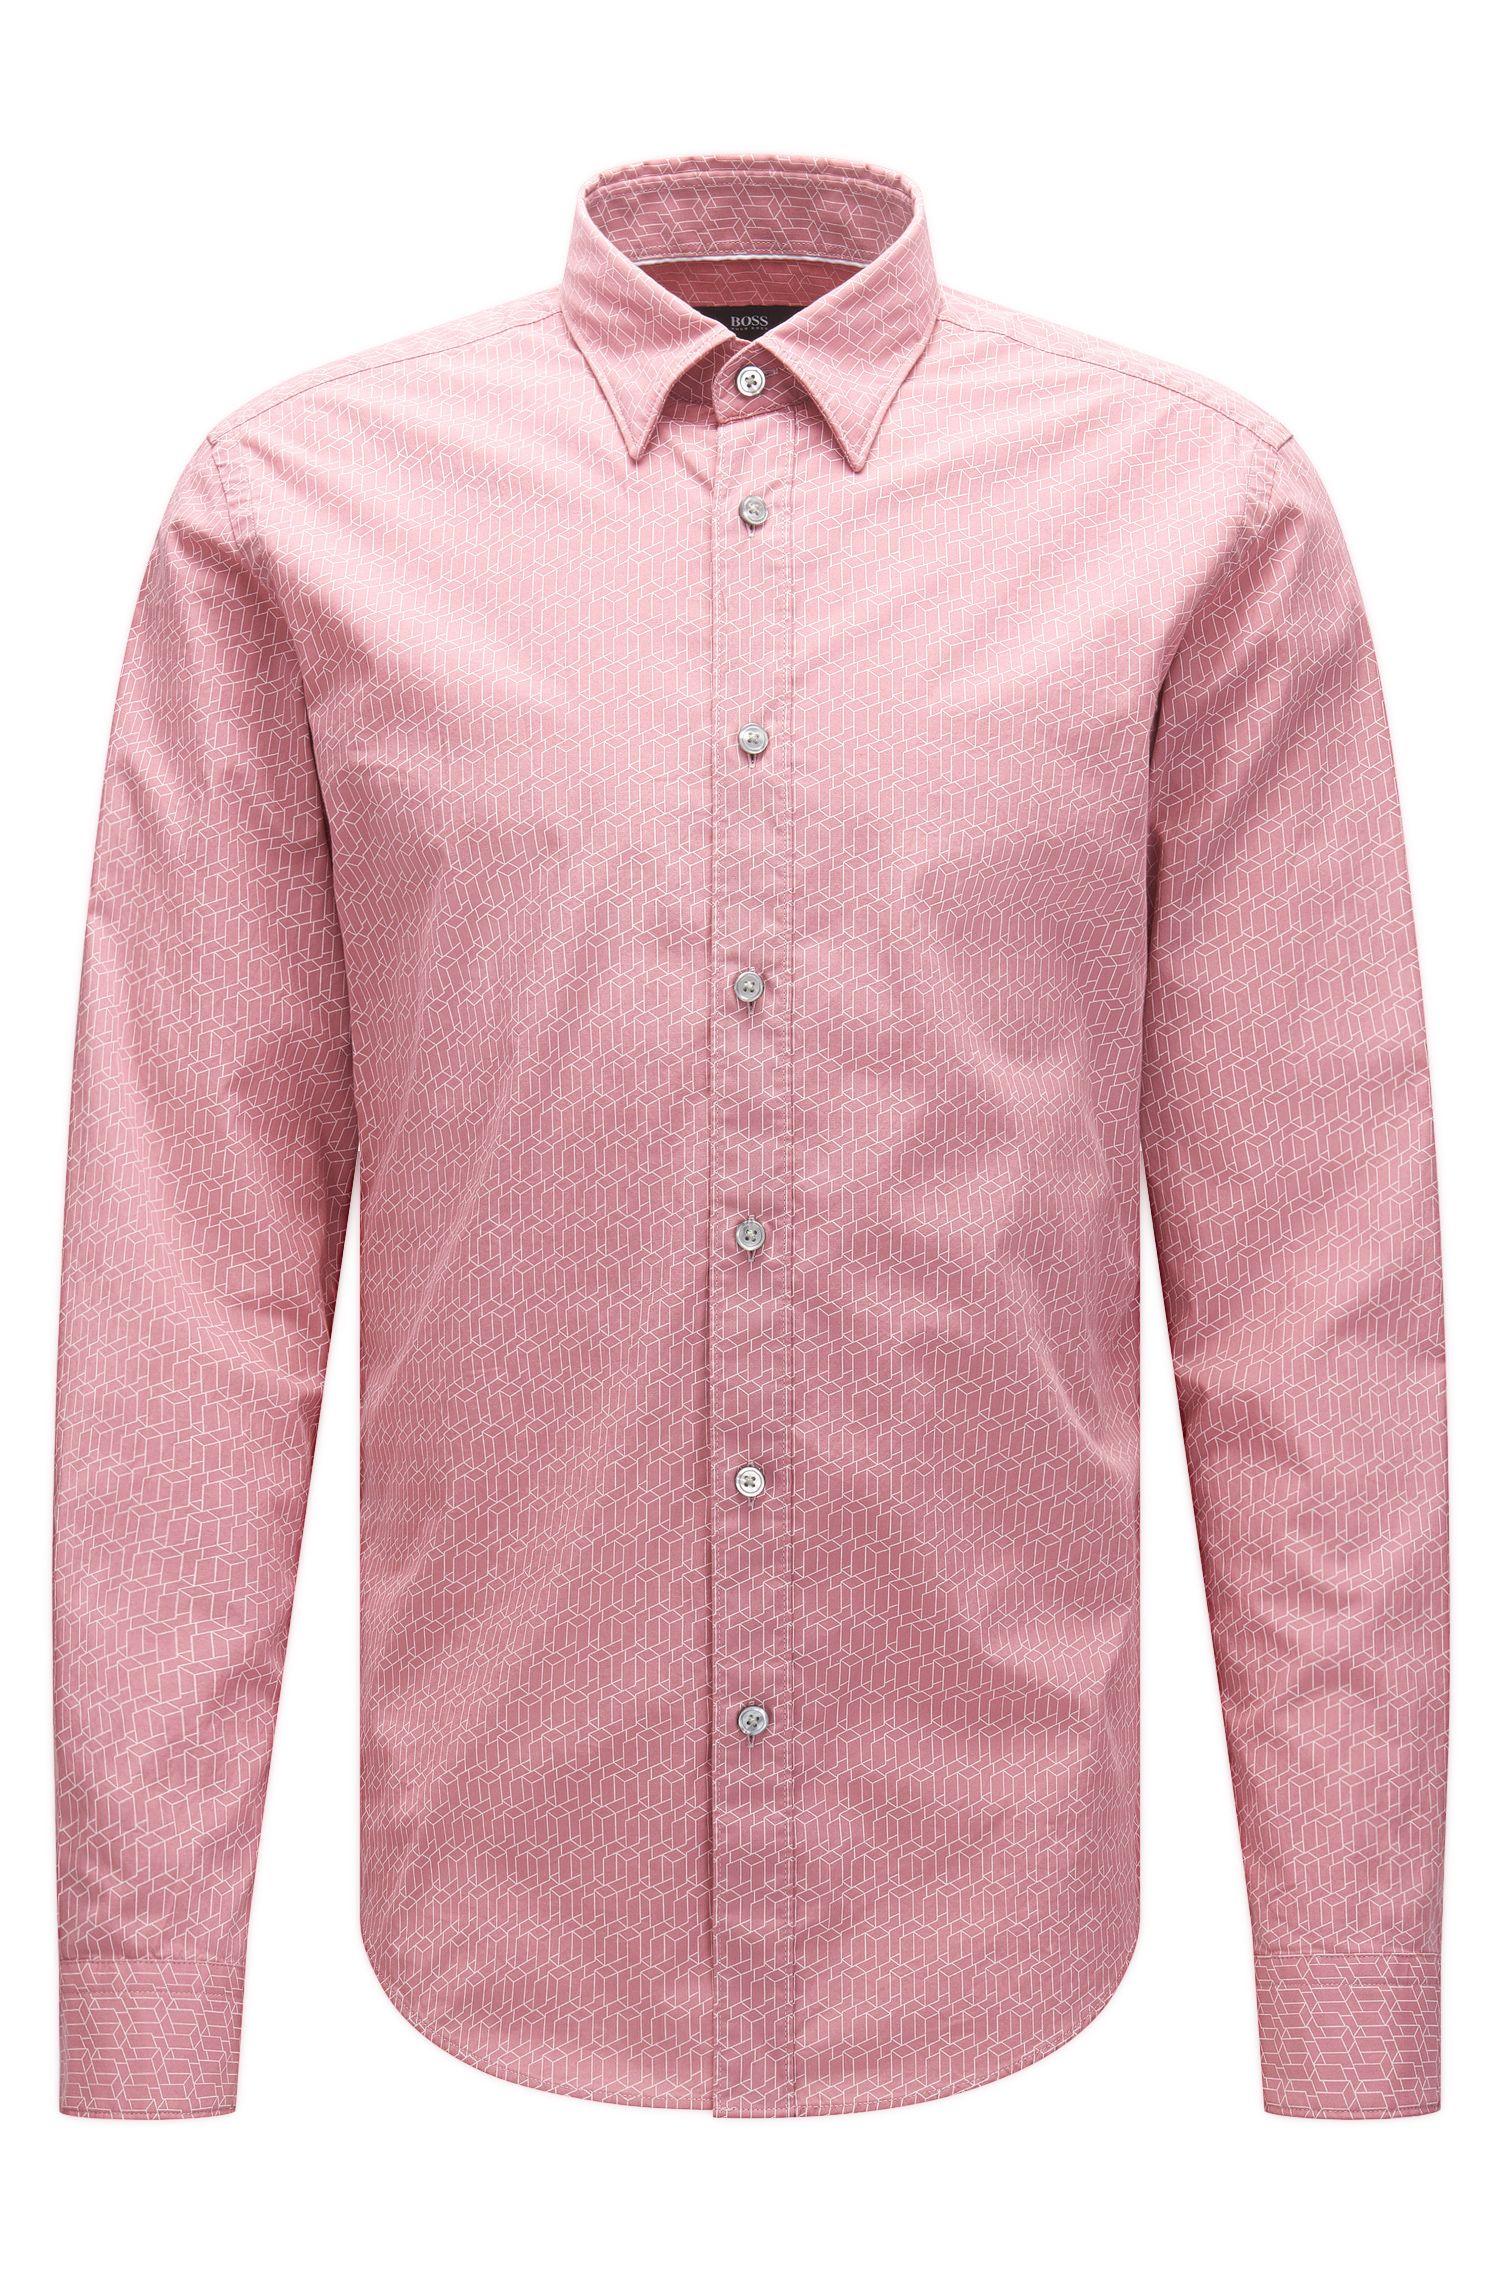 Gemustertes Slim-Fit Hemd aus Baumwolle: 'Rodney'